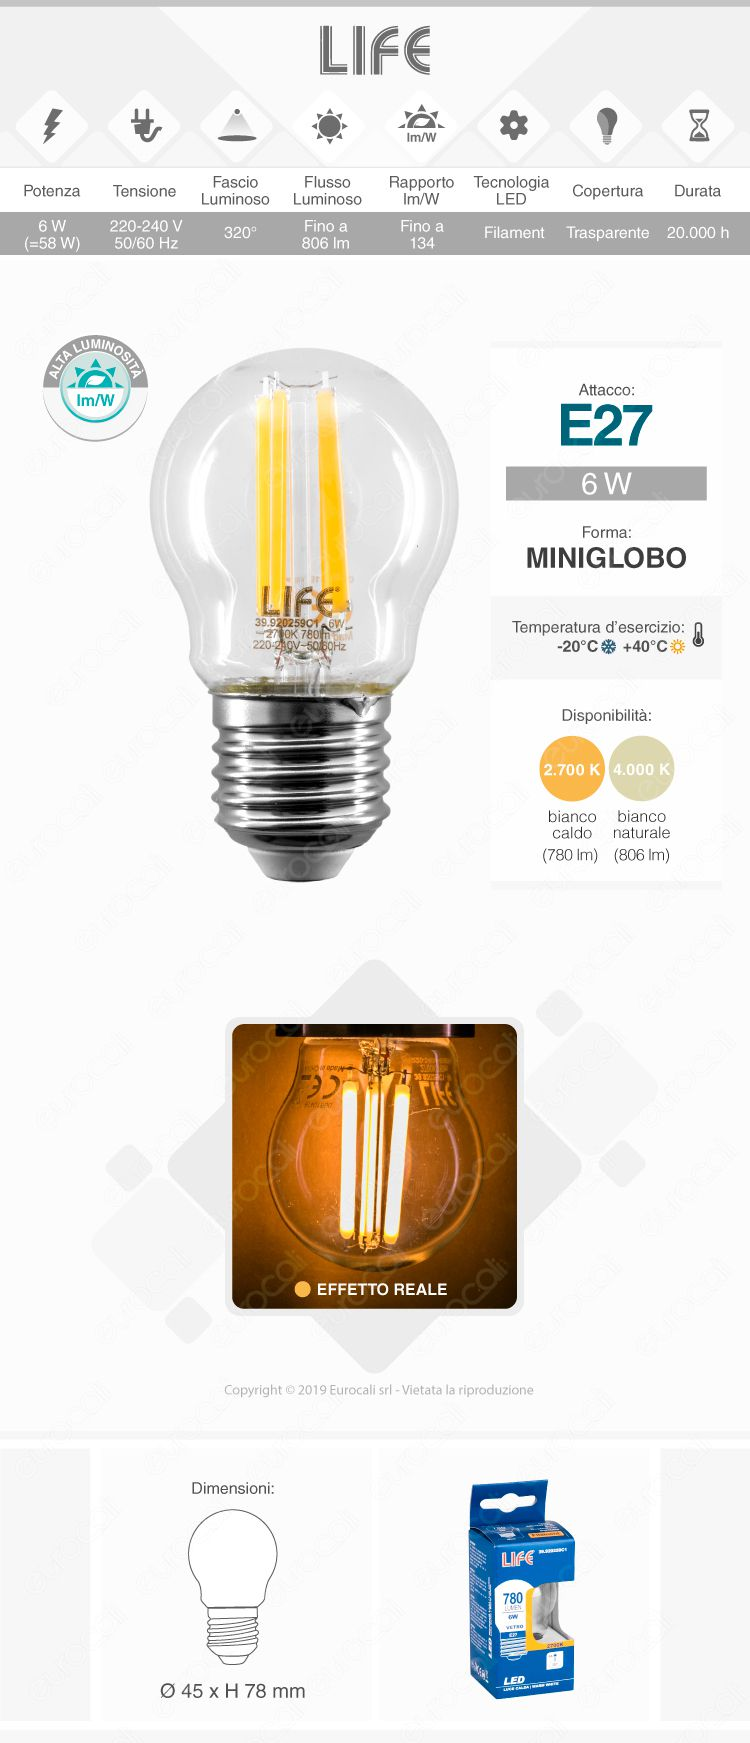 Life Lampadina LED E27 6W MiniGlobo G45 Filamento